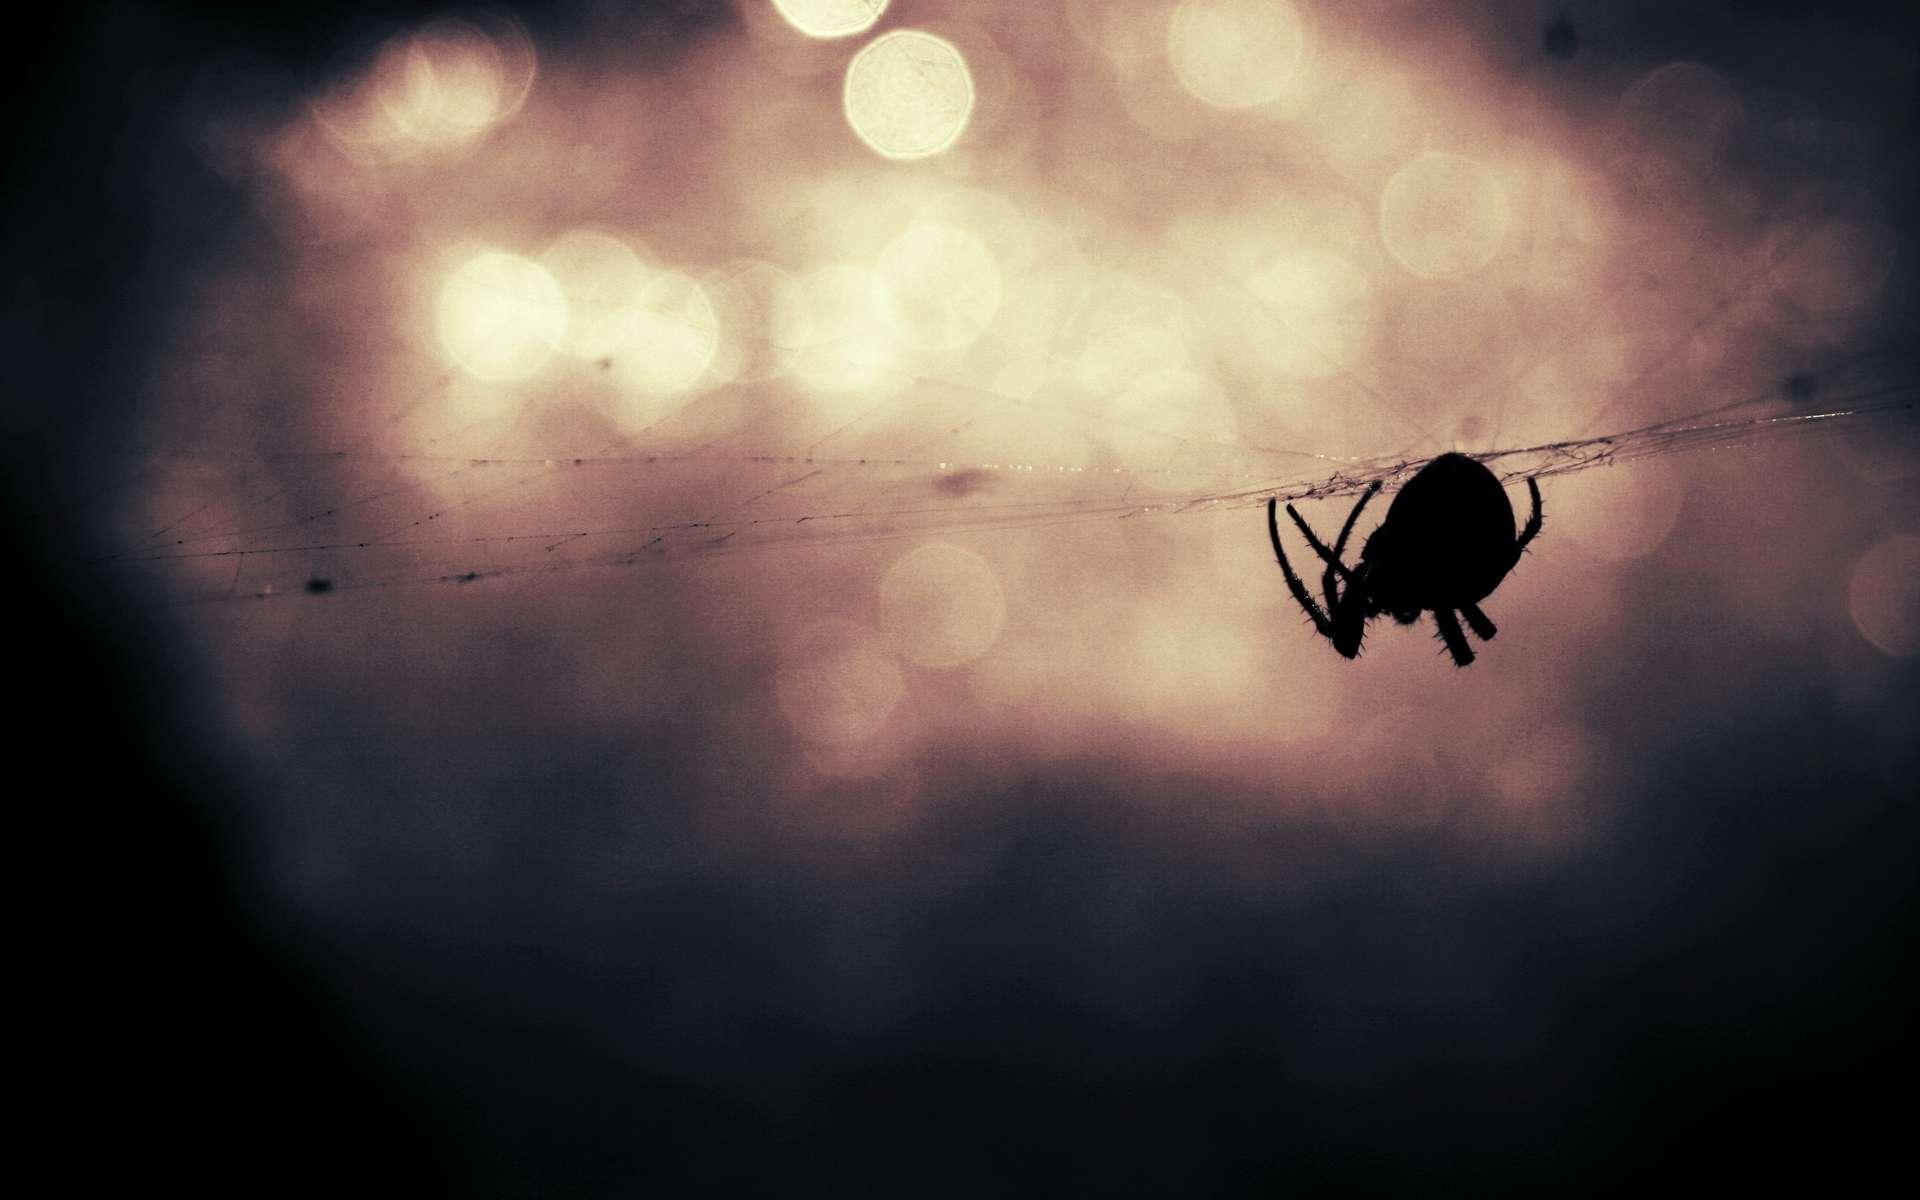 Quelque 15 à 50 % des personnes seraient concernées par l'arachnophobie. © CC0 1.0, domaine public